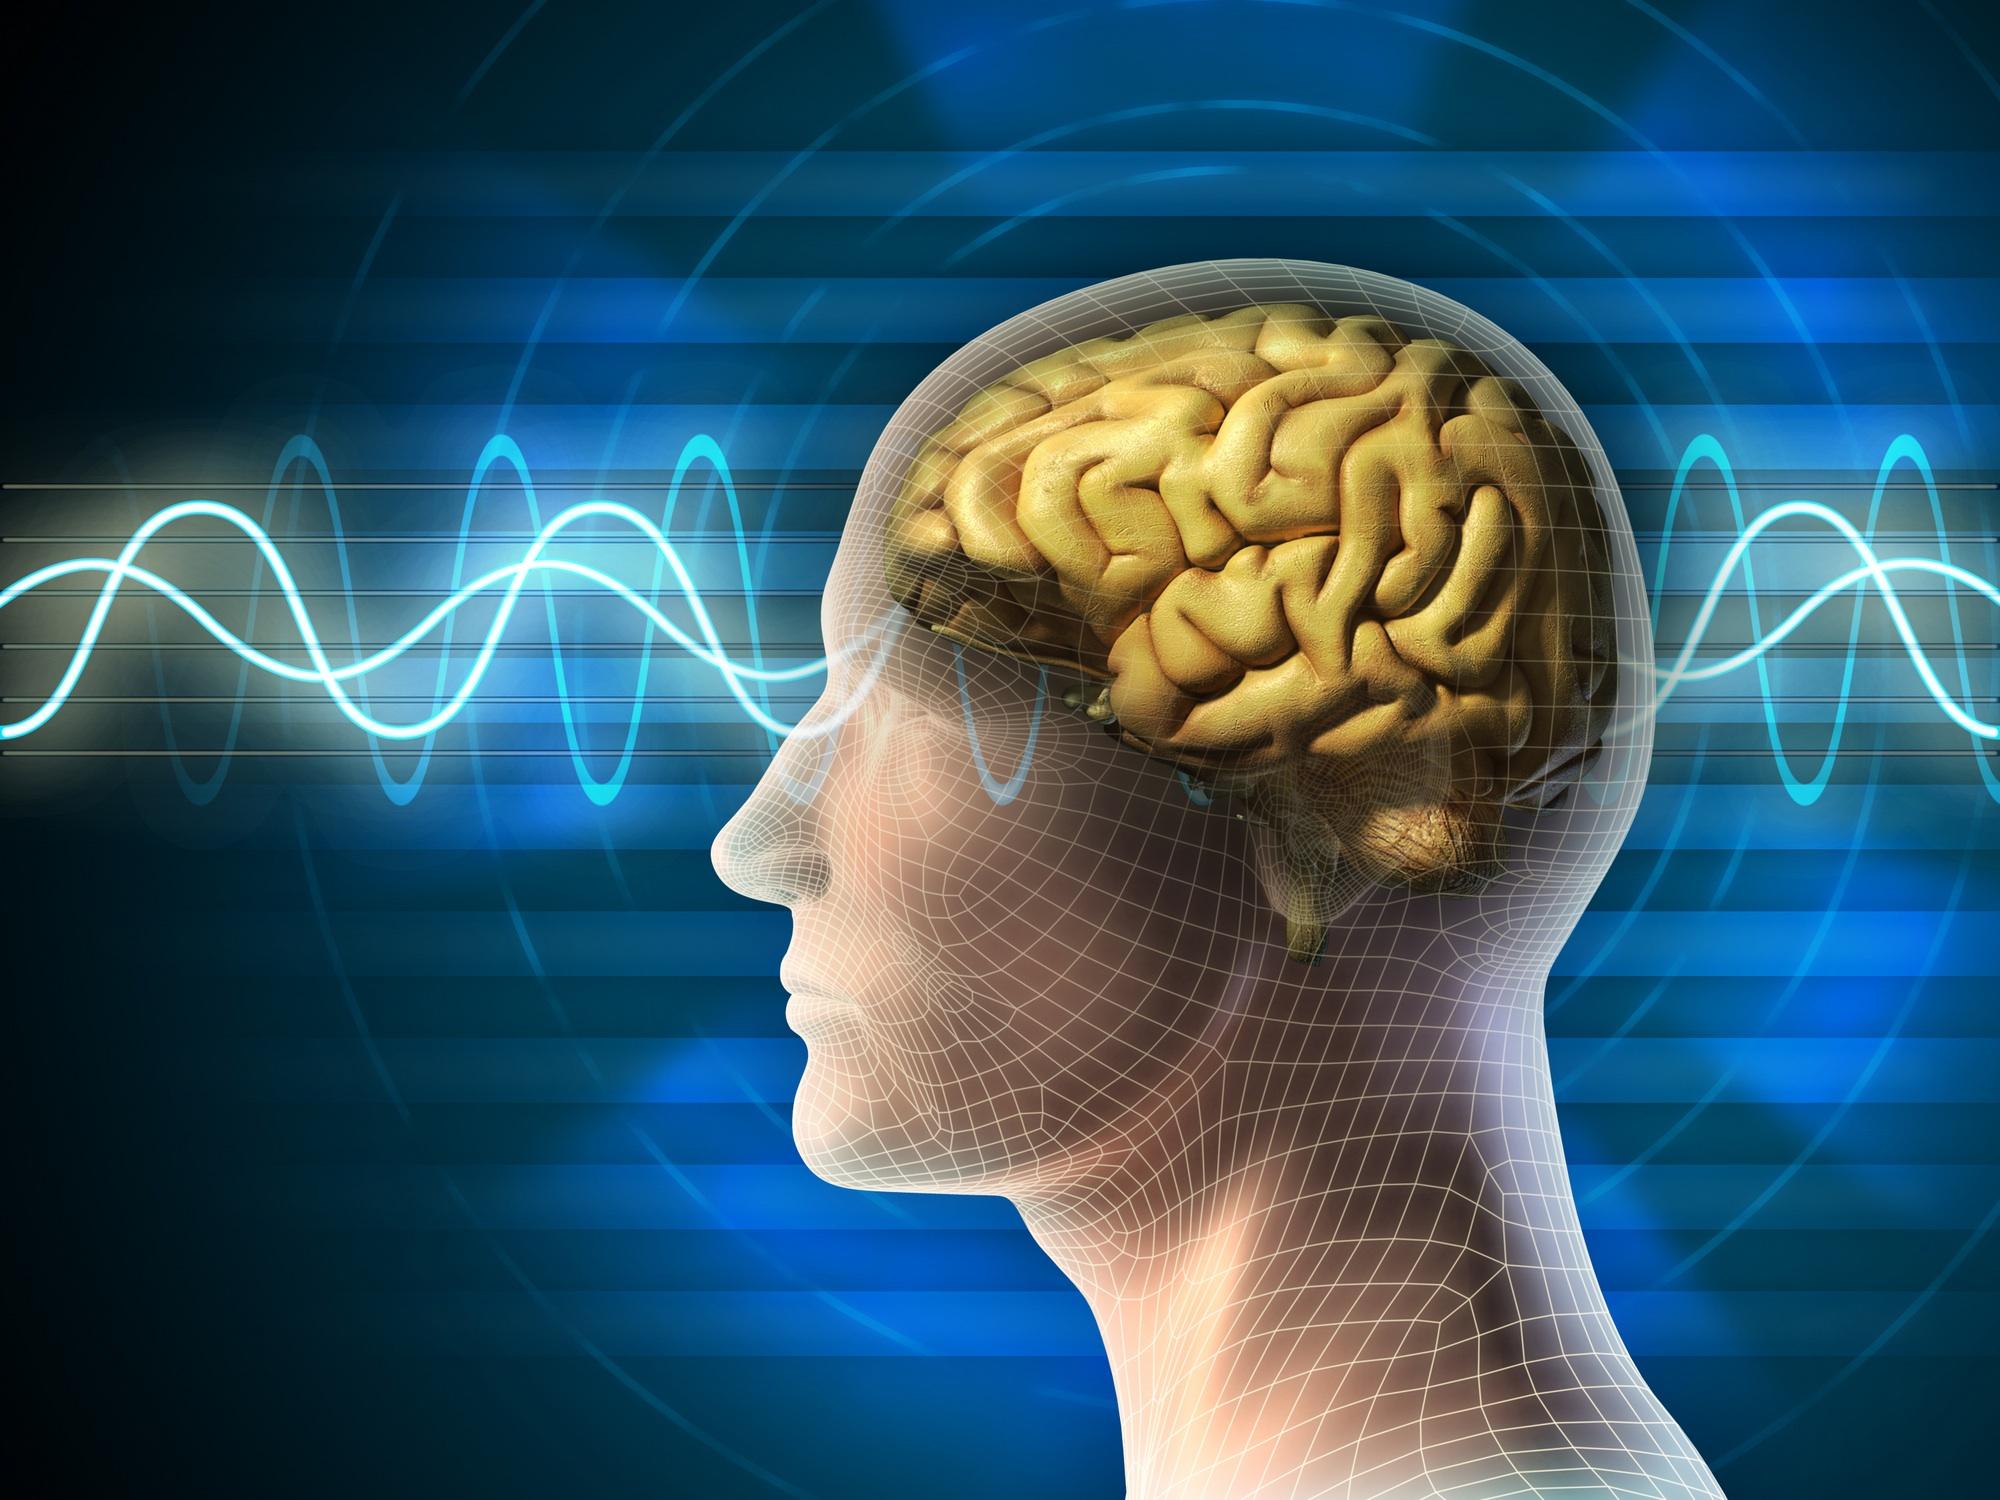 Muốn bộ não ngày càng thông minh thì không nên bỏ qua 5 thói quen này - Ảnh 2.